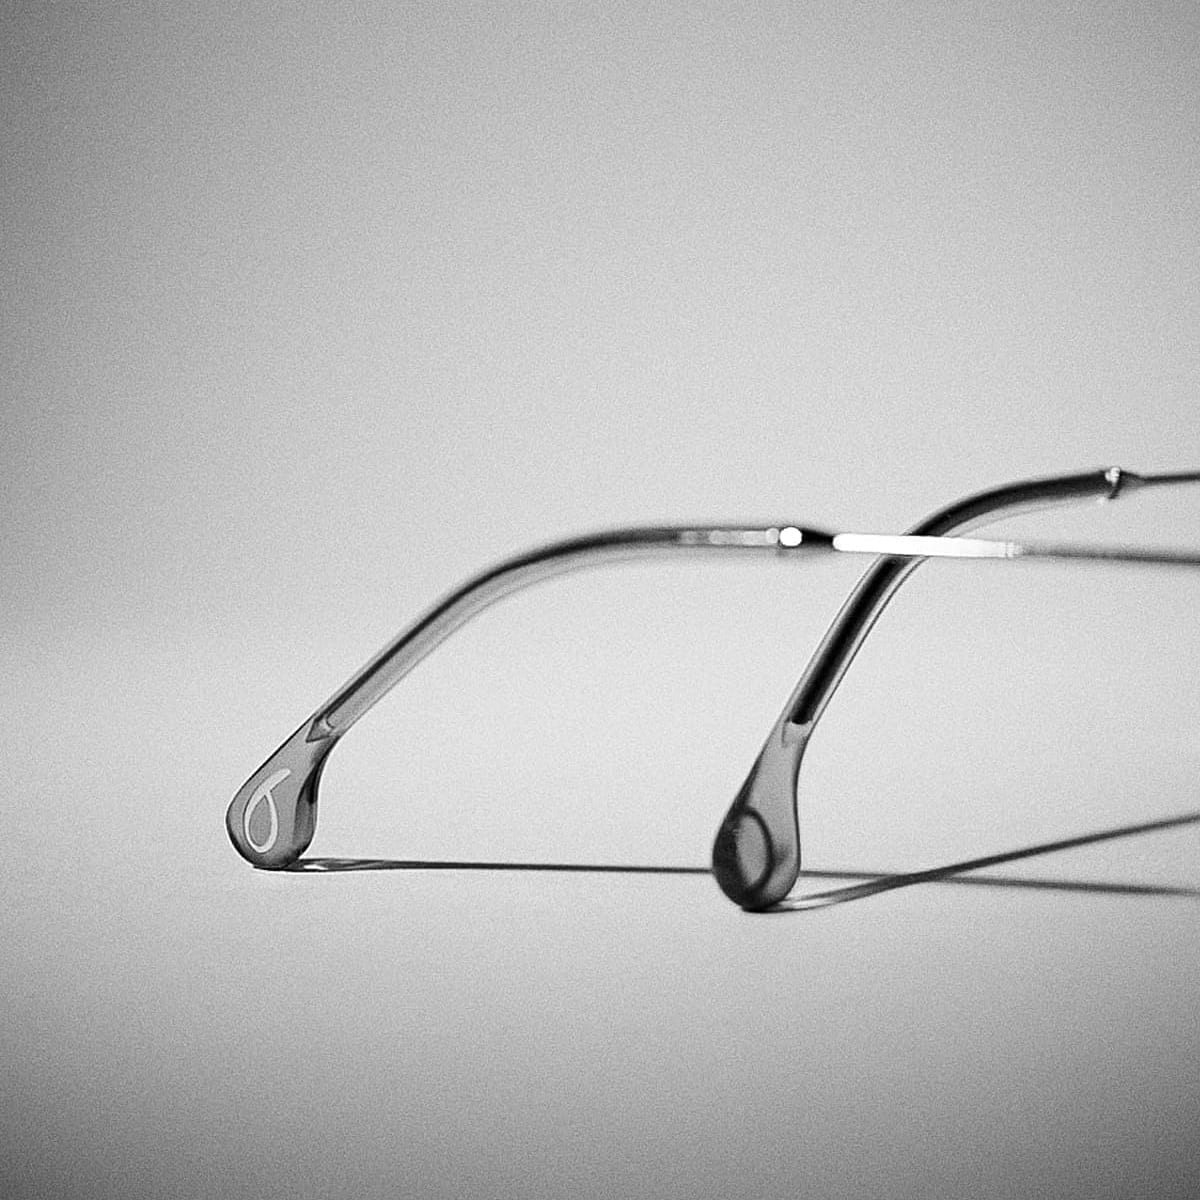 paul-smith-eyewear-glasses-stockist-opticians-west-midlands-shropshire-11